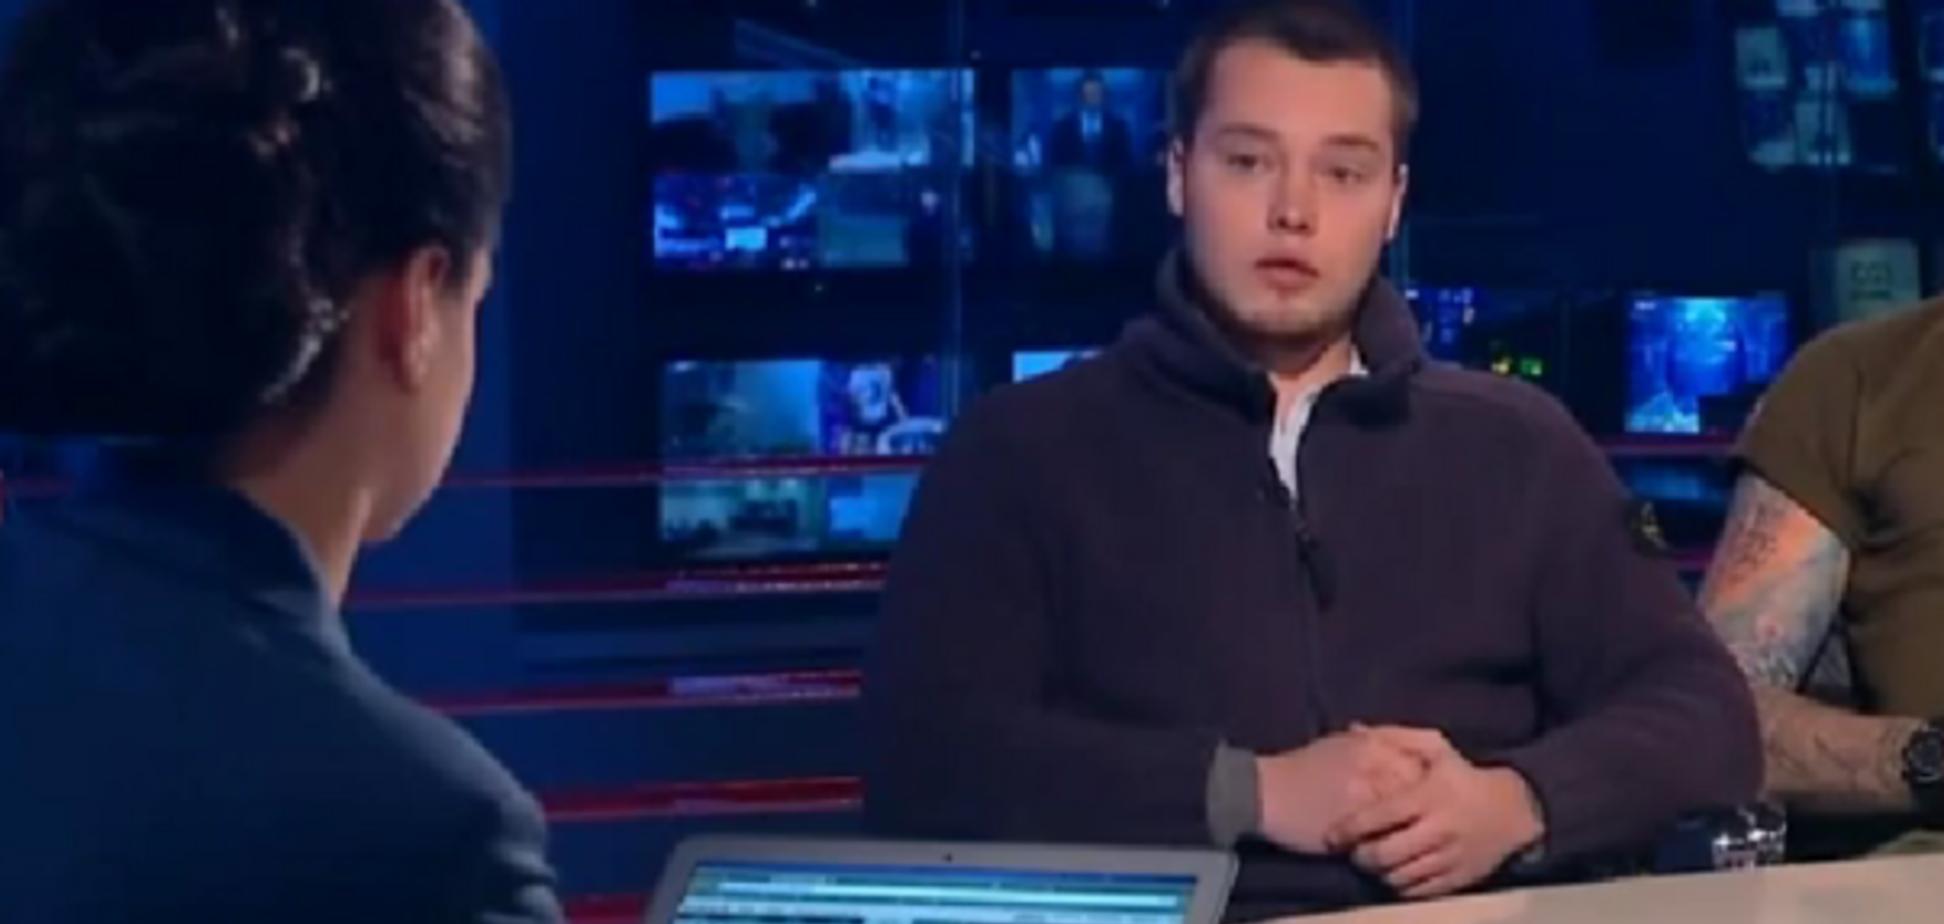 Российские фашисты пиарятся на канале Путина и обвиняют украинку Дурицкую в убийстве Немцова